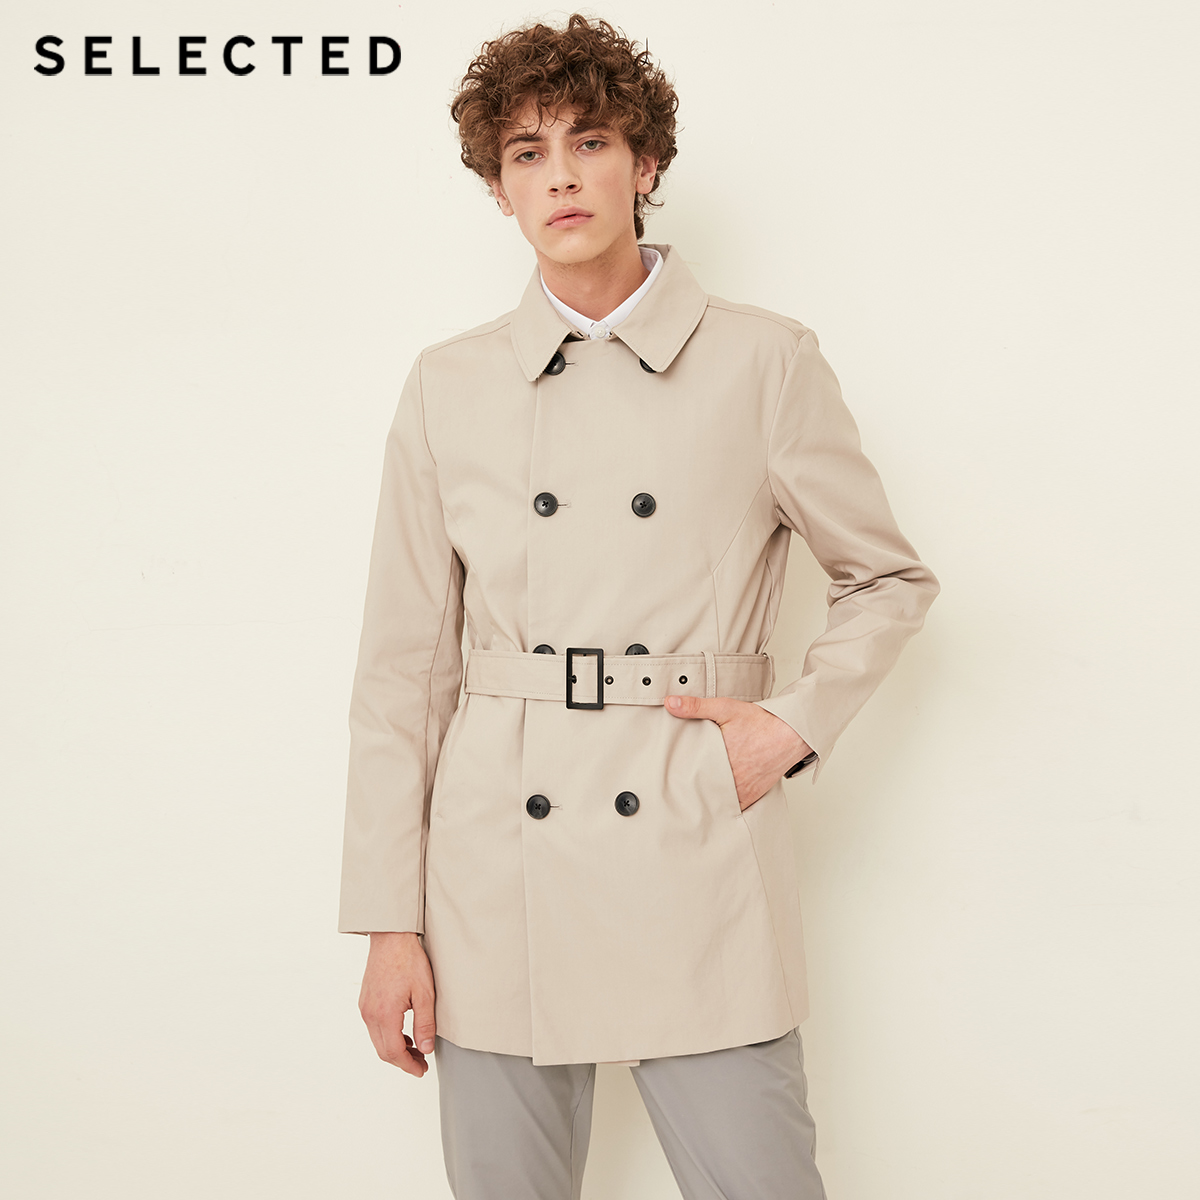 Erkek Kıyafeti'ten Siper'de Seçilen yeni erkek pamuk kruvaze moda yaka iş ceket T  4183OM502【Limited alın $4 sınırsız coupons】'da  Grup 1